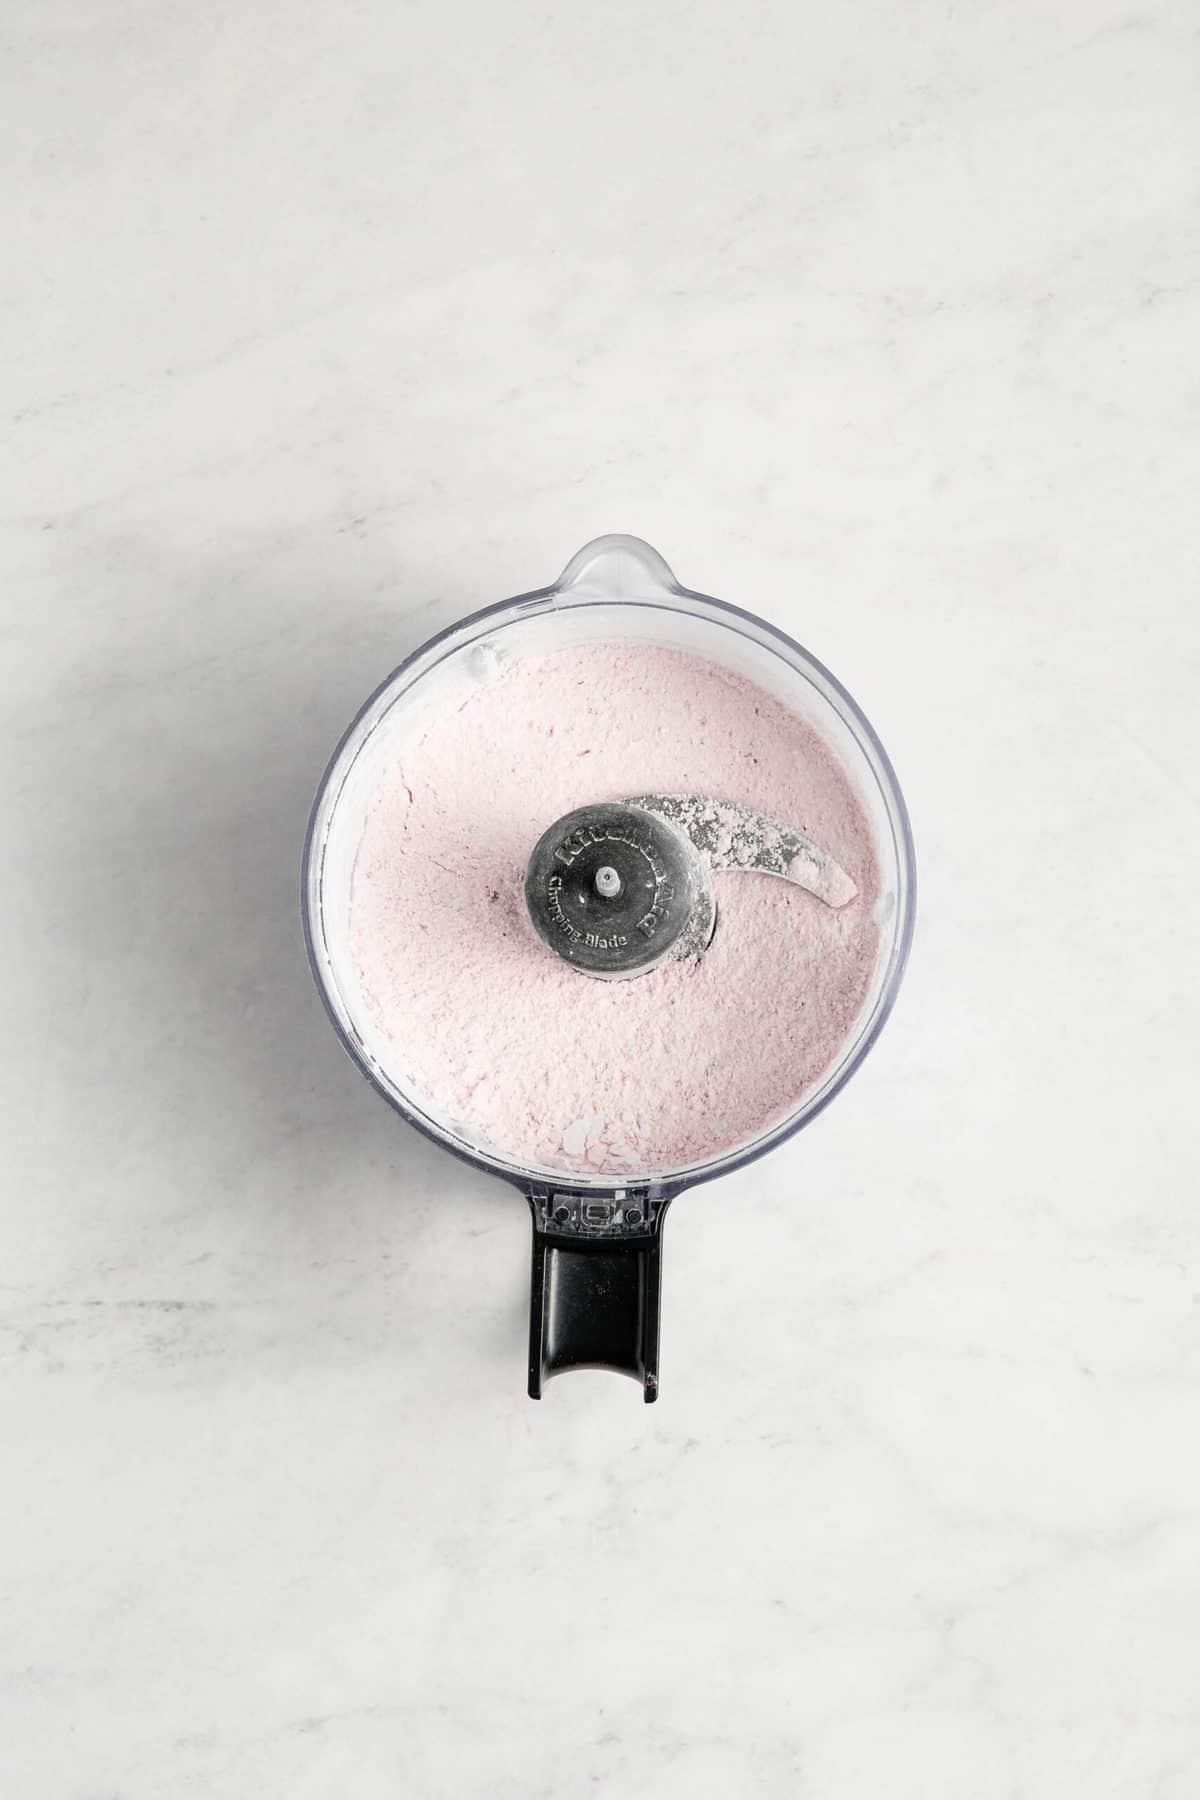 Strawbery Powdered Sugar in a food processor.